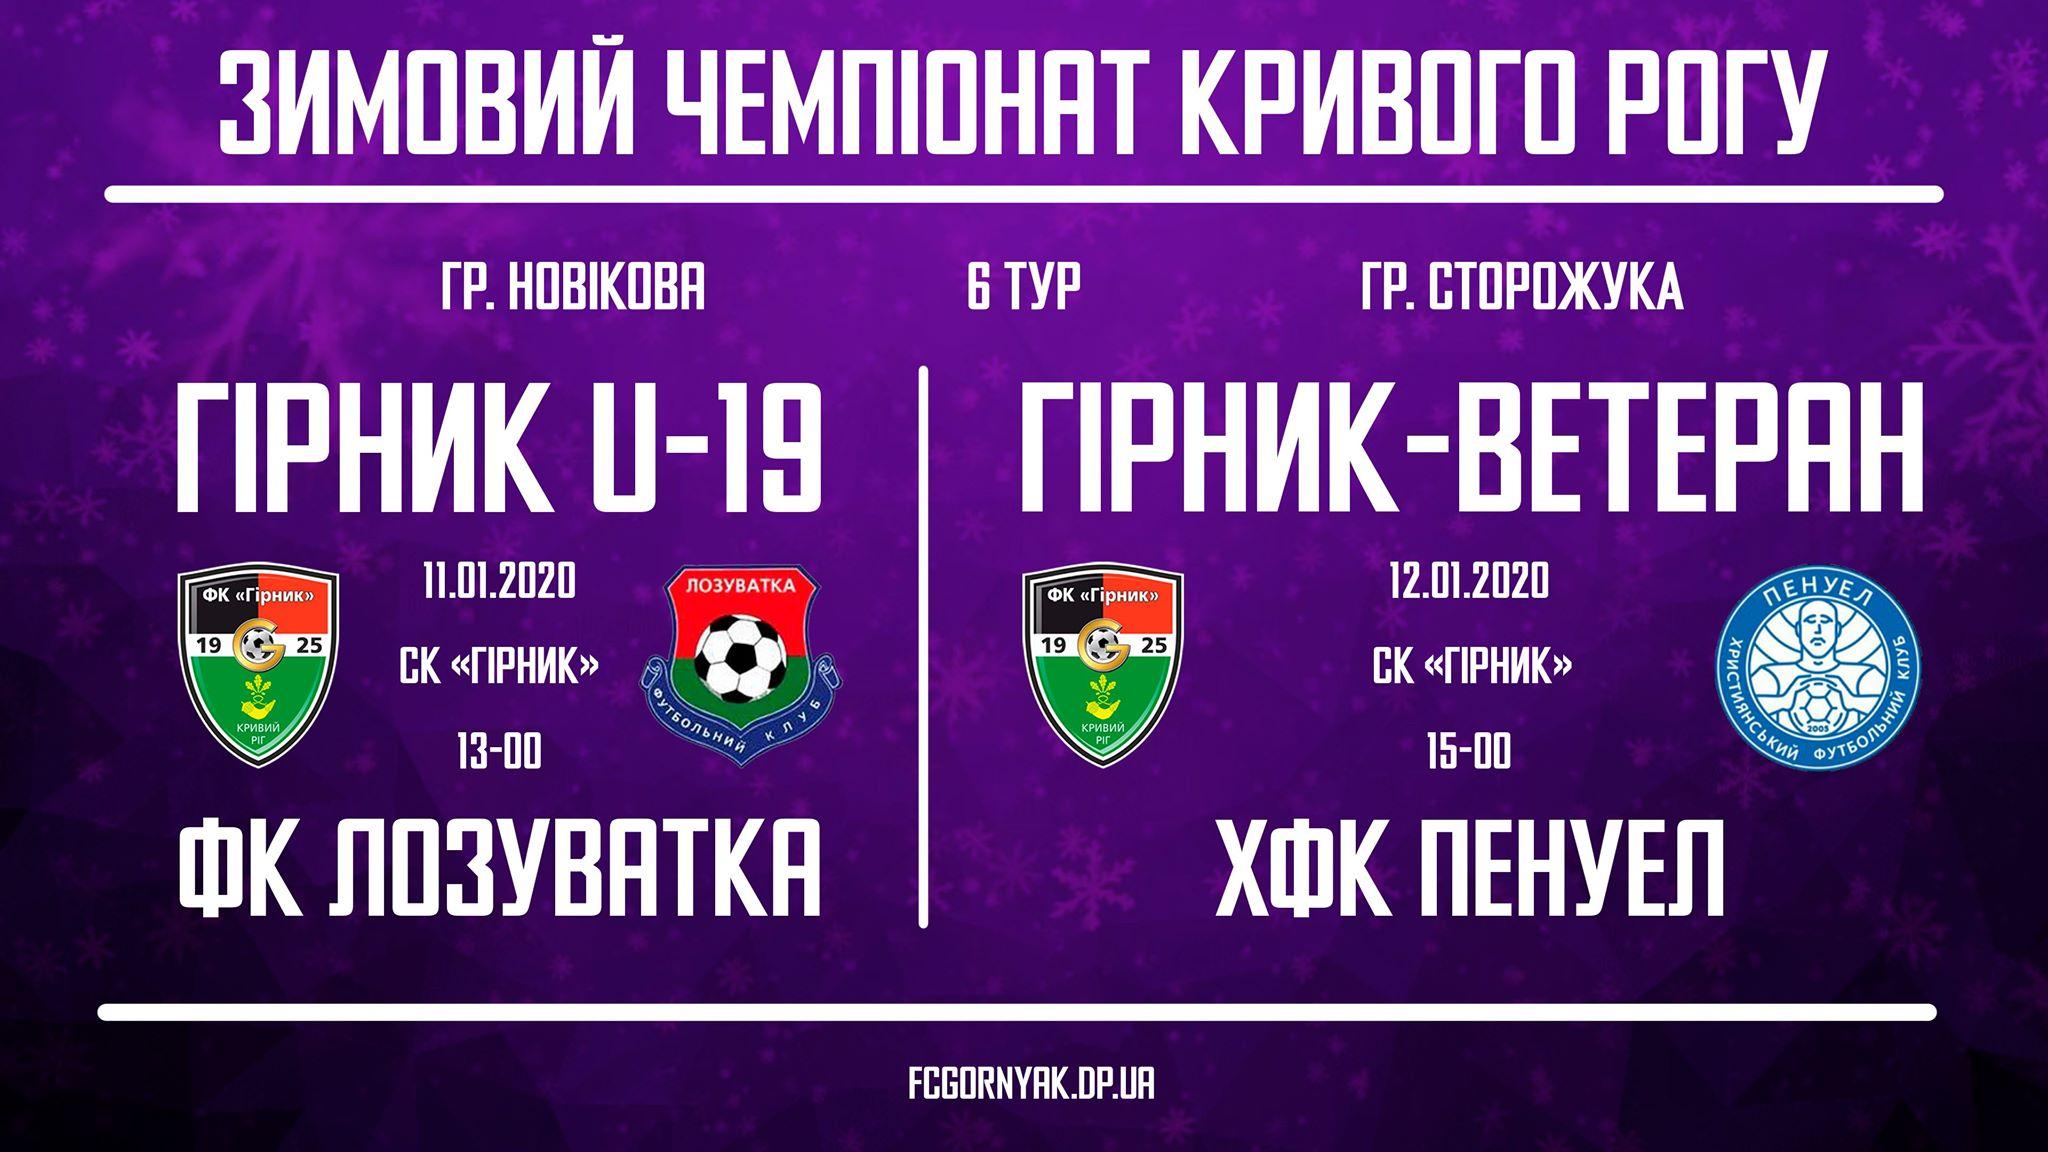 Зимний чемпионат Кривого Рога. 6 тур: детали матчей